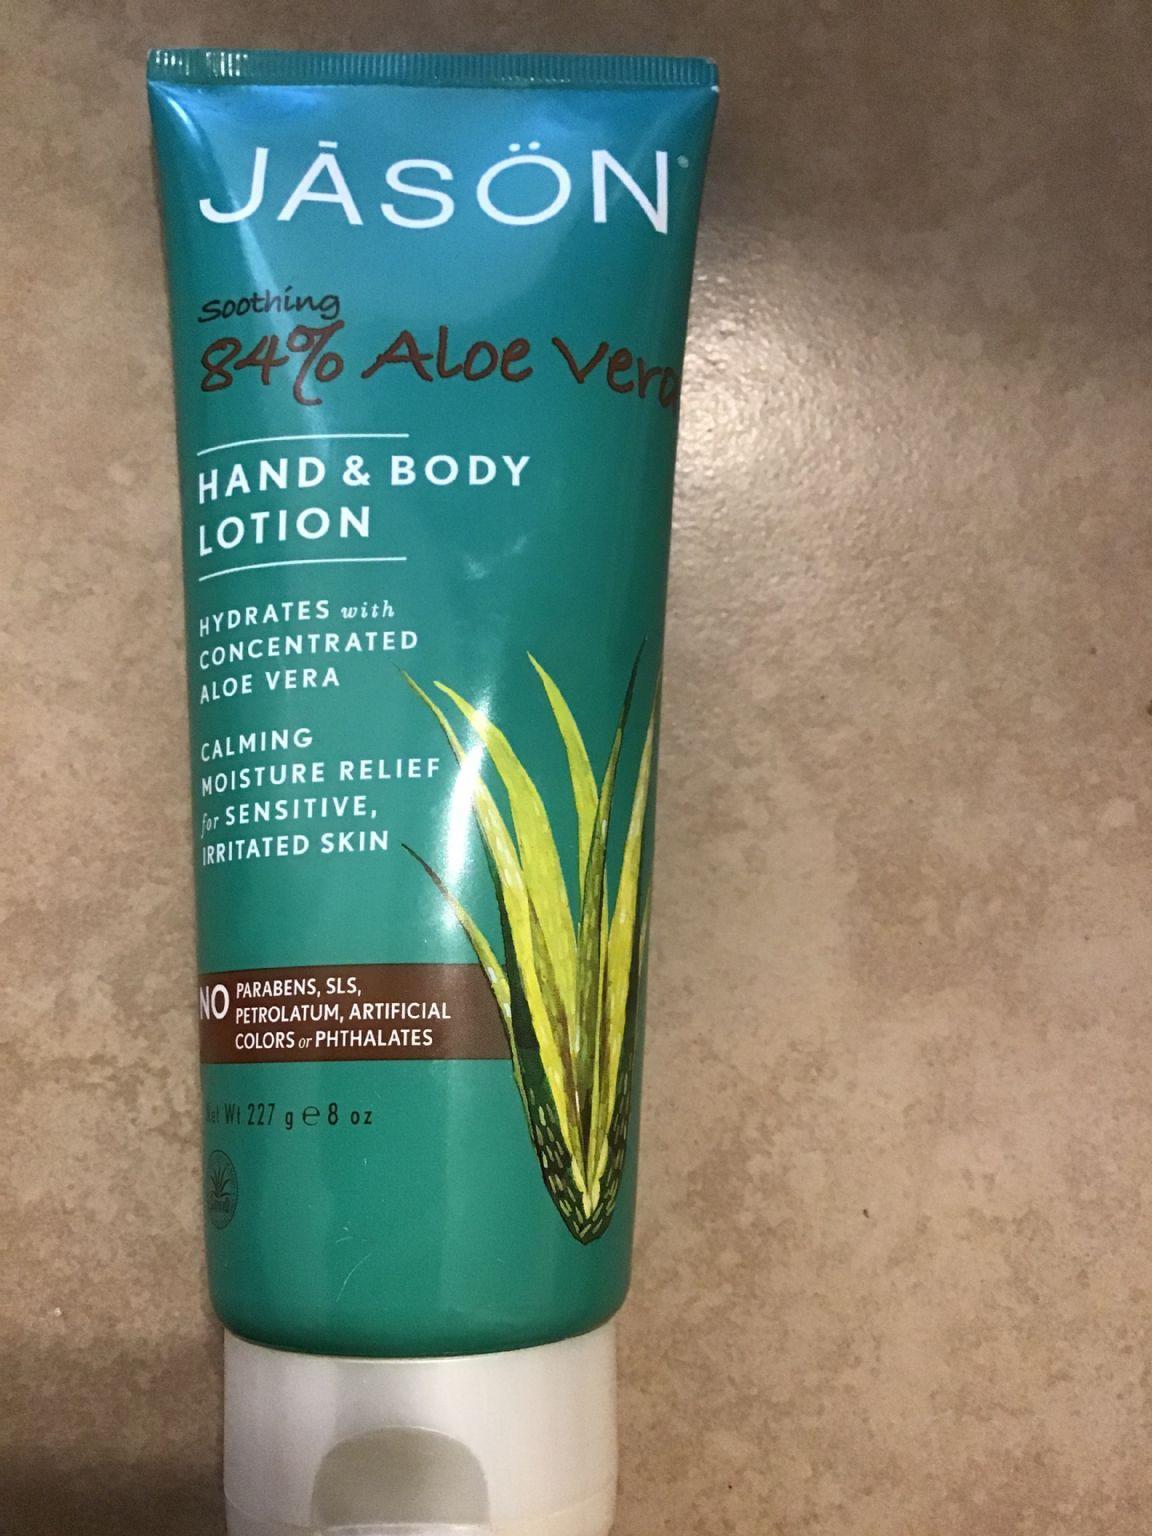 jason 84% aloe Vera hand and body lotion (Uploaded by Shykitty1)